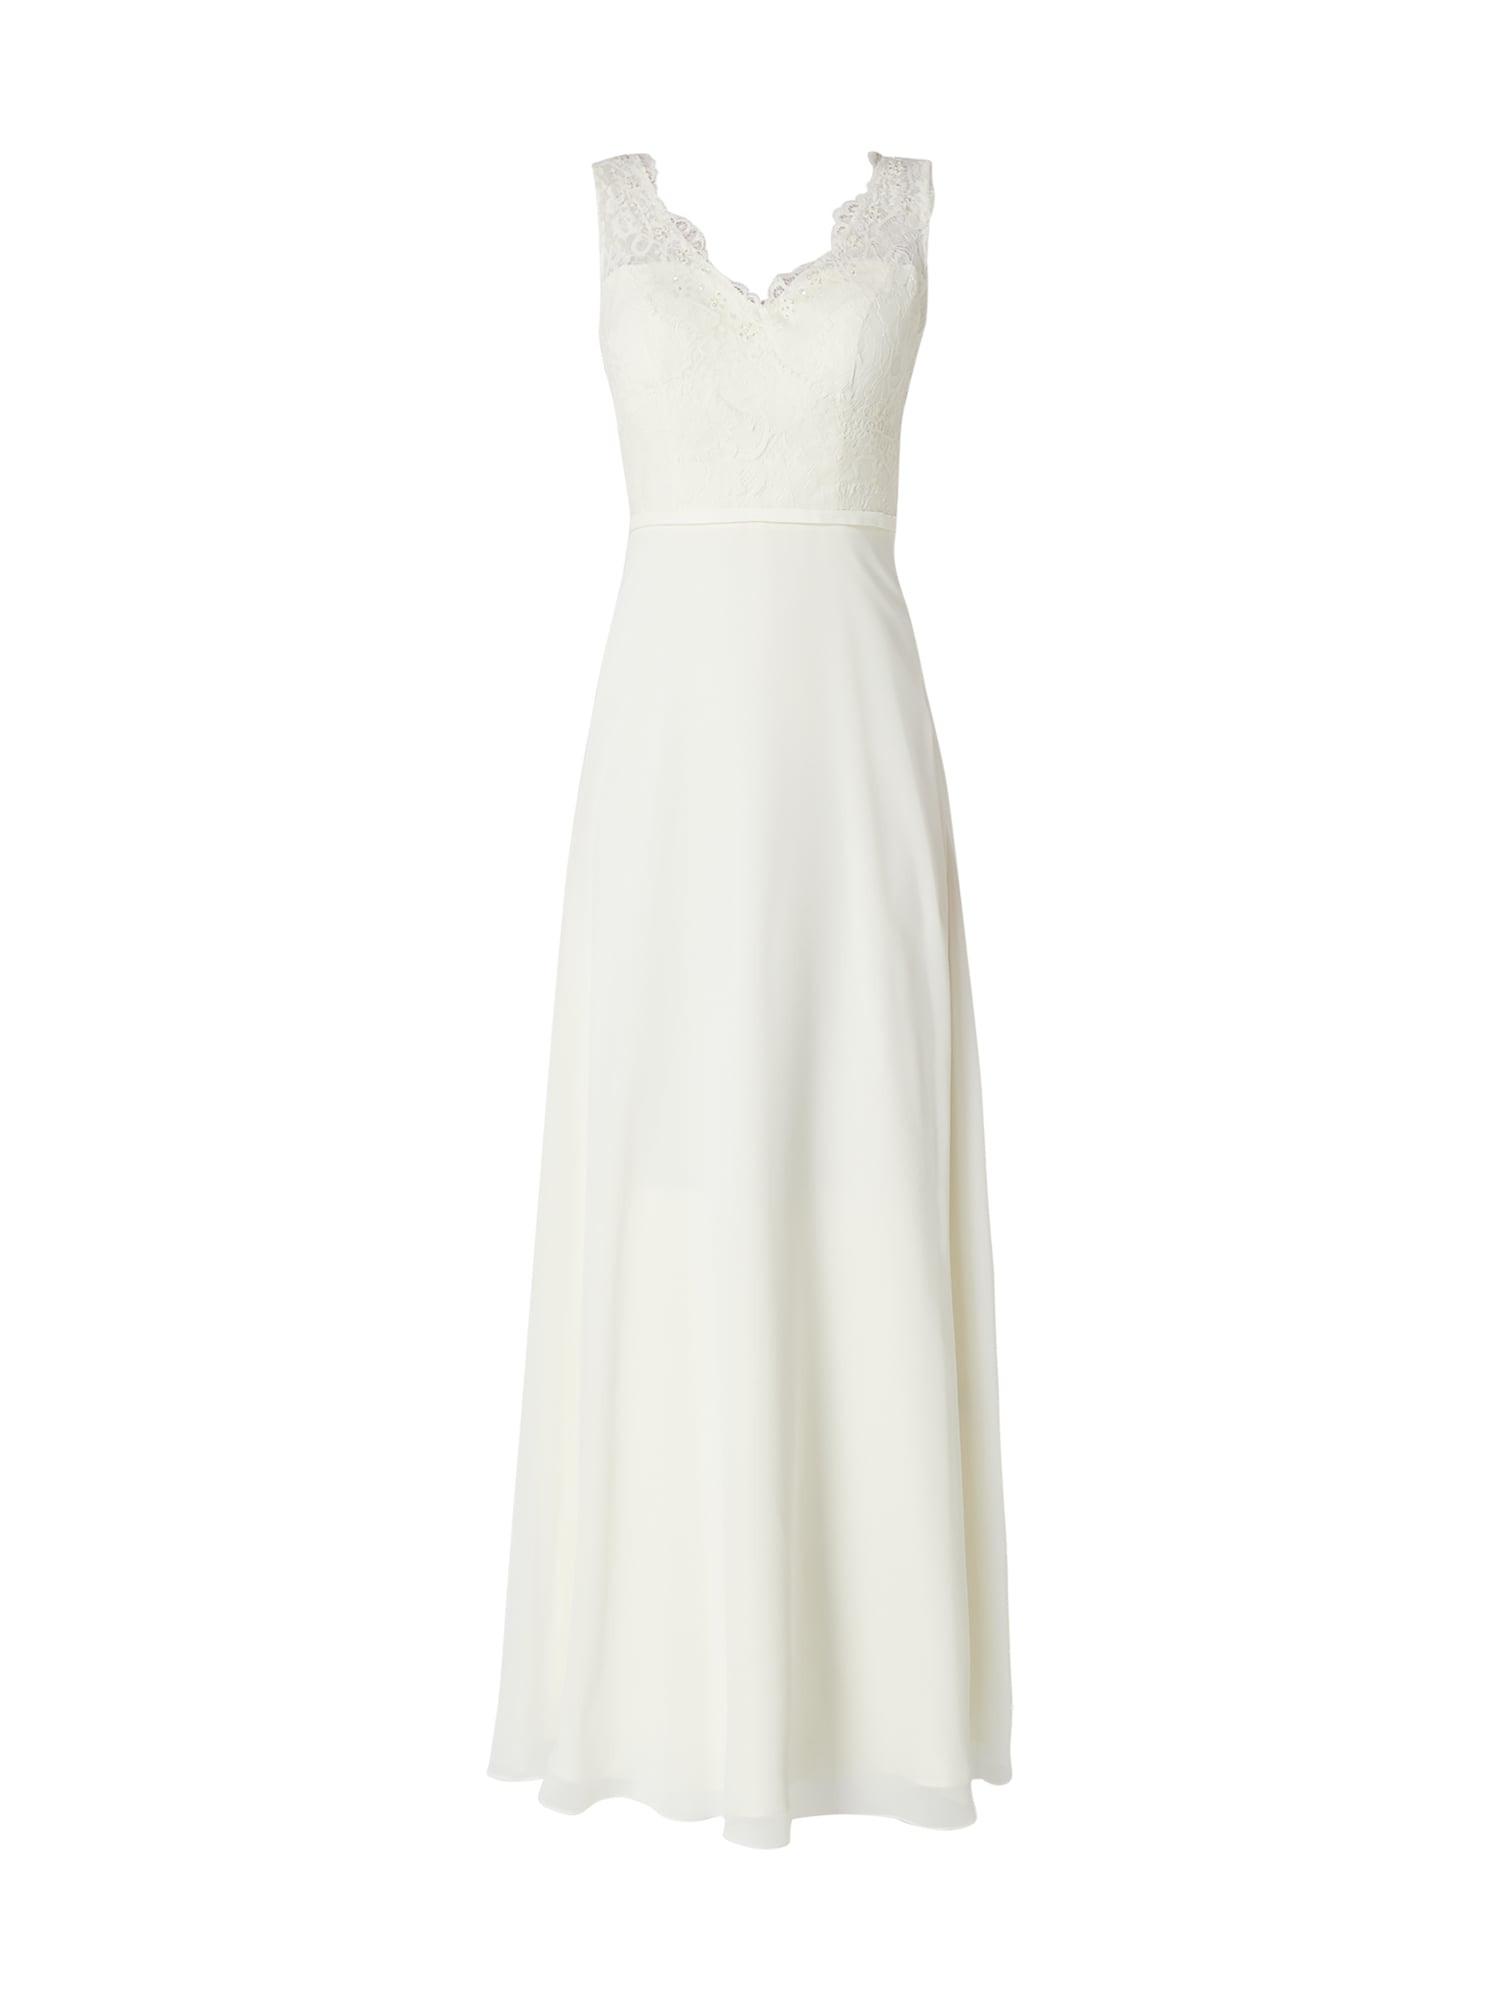 Unique Brautkleid Mit Ziersteinbesatz In Weiß Online Kaufen (9898488) ▷ P&c  Online Shop